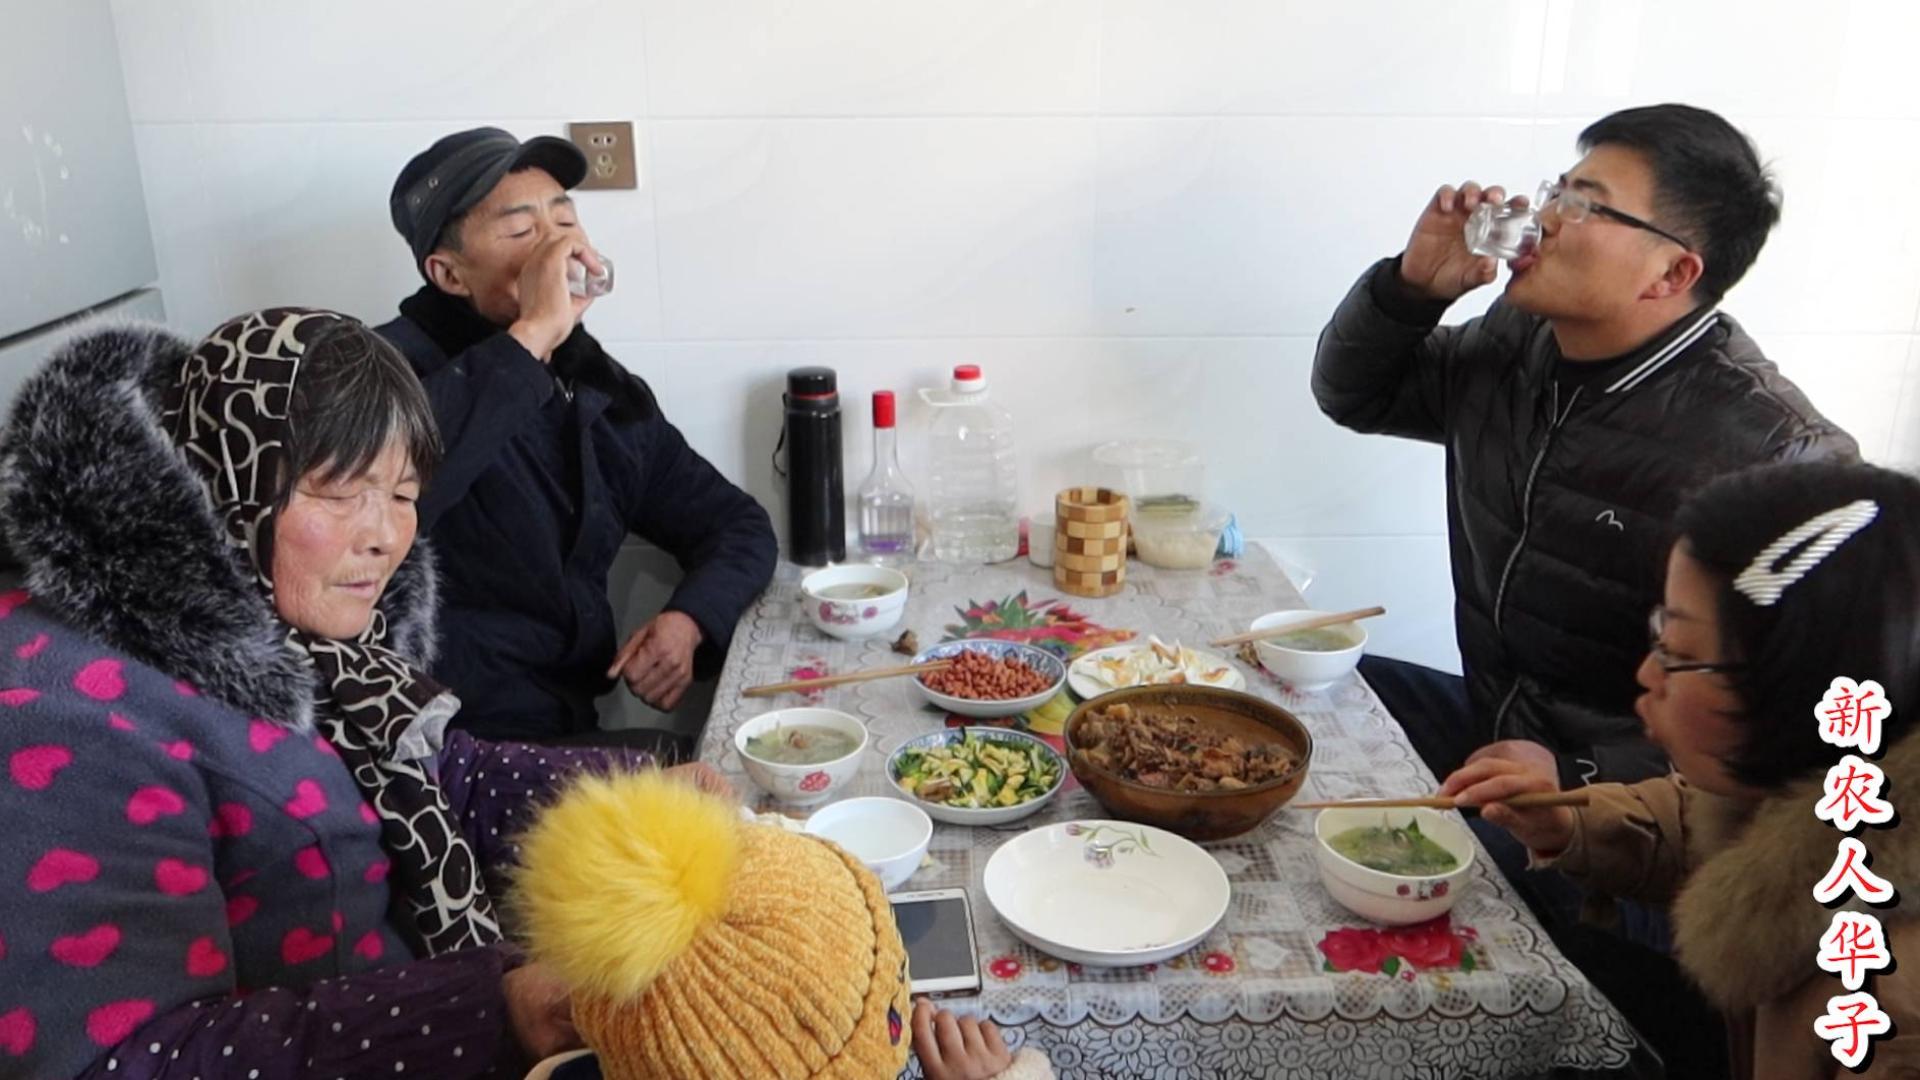 过年哪也不能去!在家热几个剩菜,一盆鸡,一盘花生米,喝半斤酒